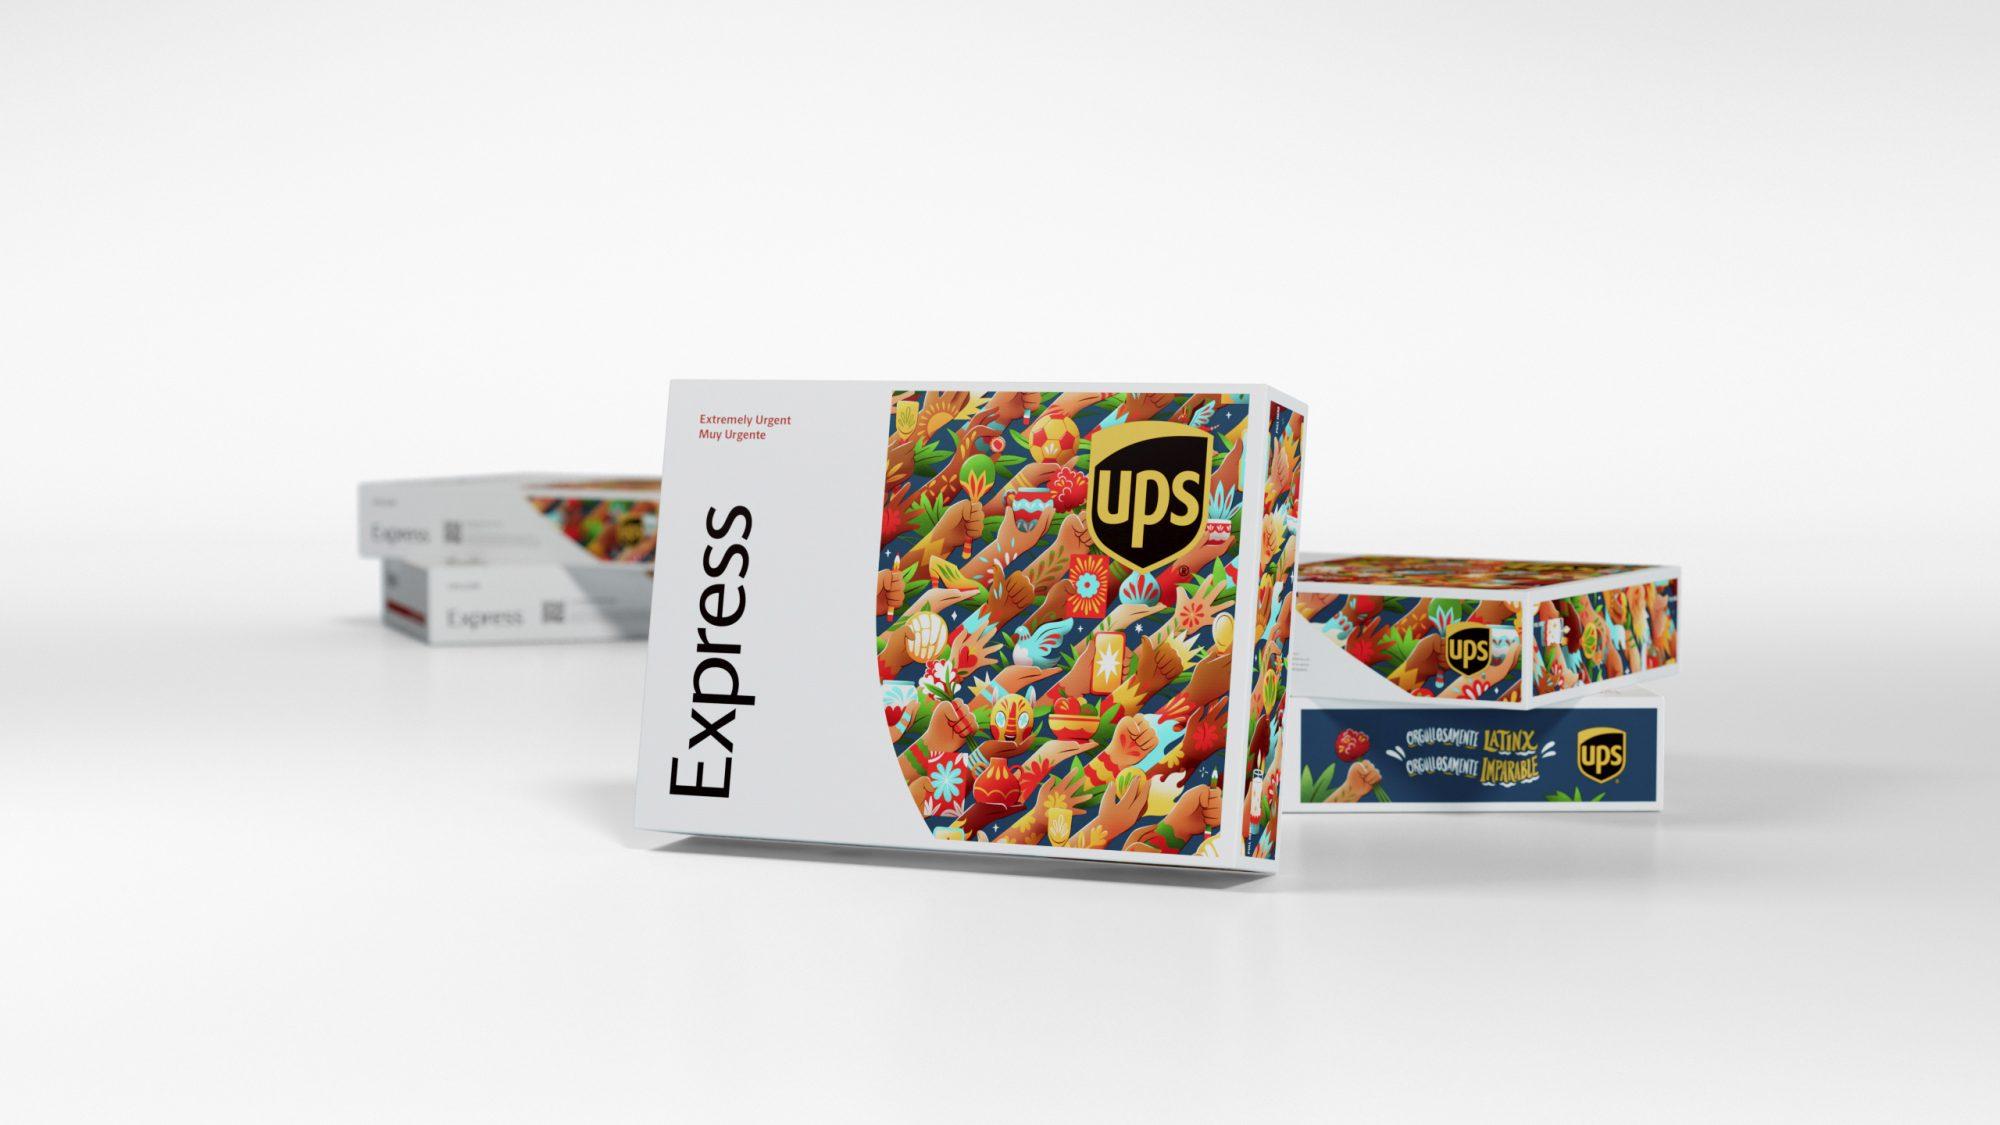 OPS box diseñada por artista hispano